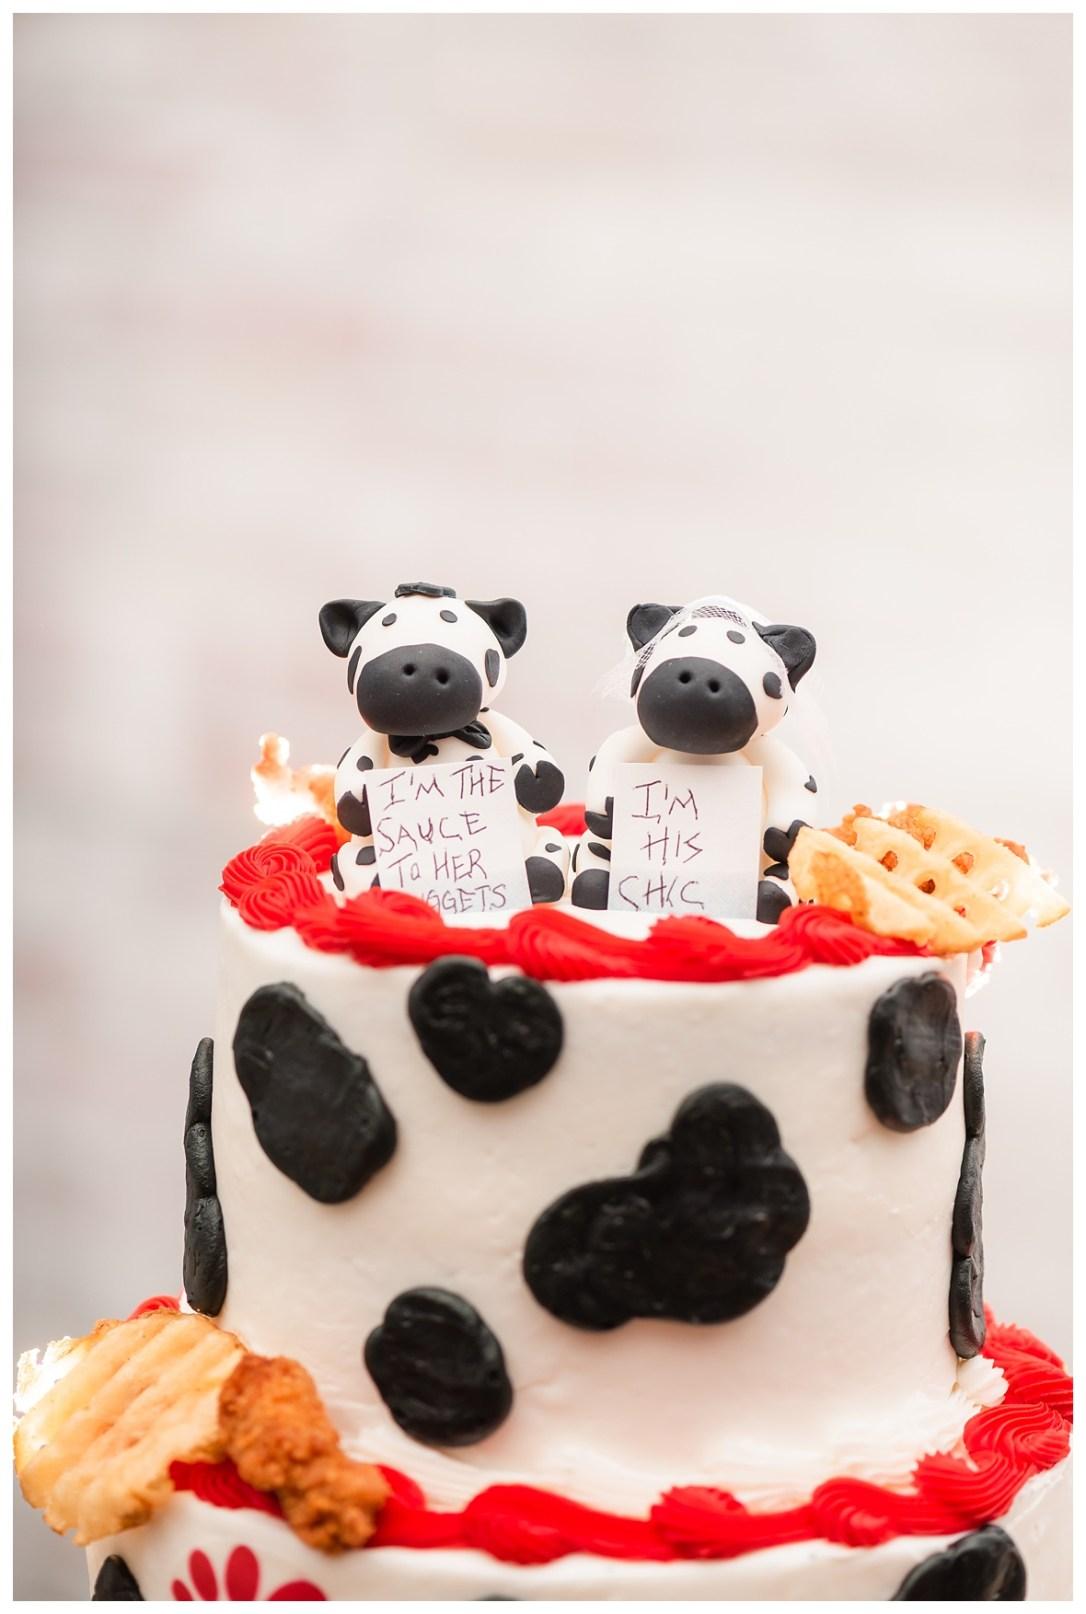 chik fil a wedding cake